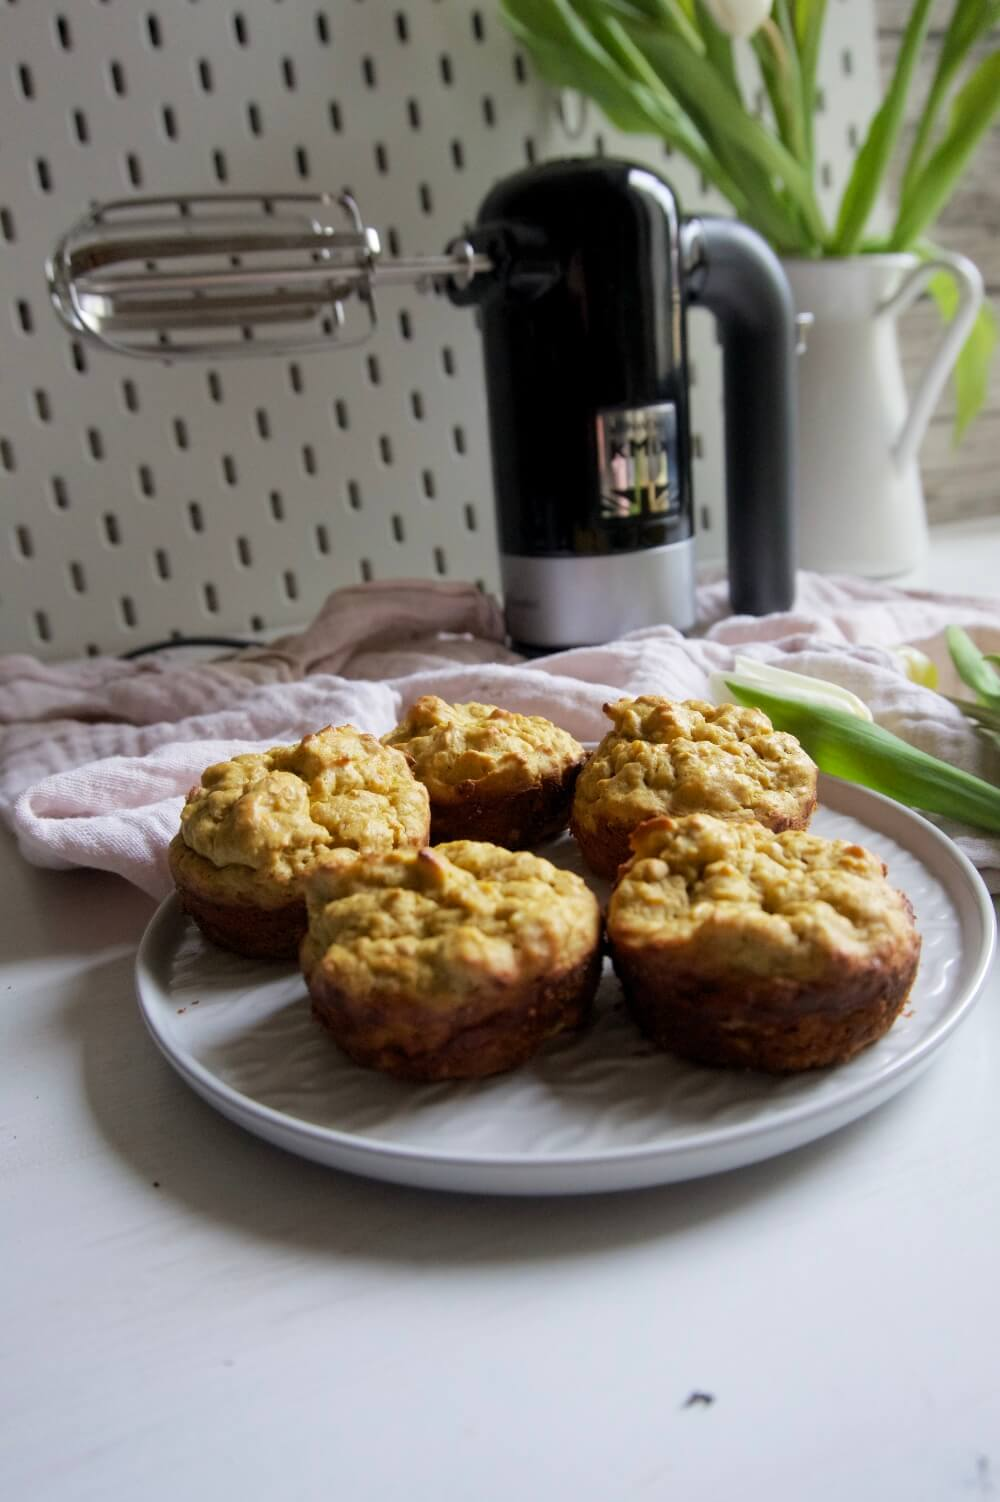 fruehstuecksmuffins ohne zucker kenwood die kleine botin 3 1